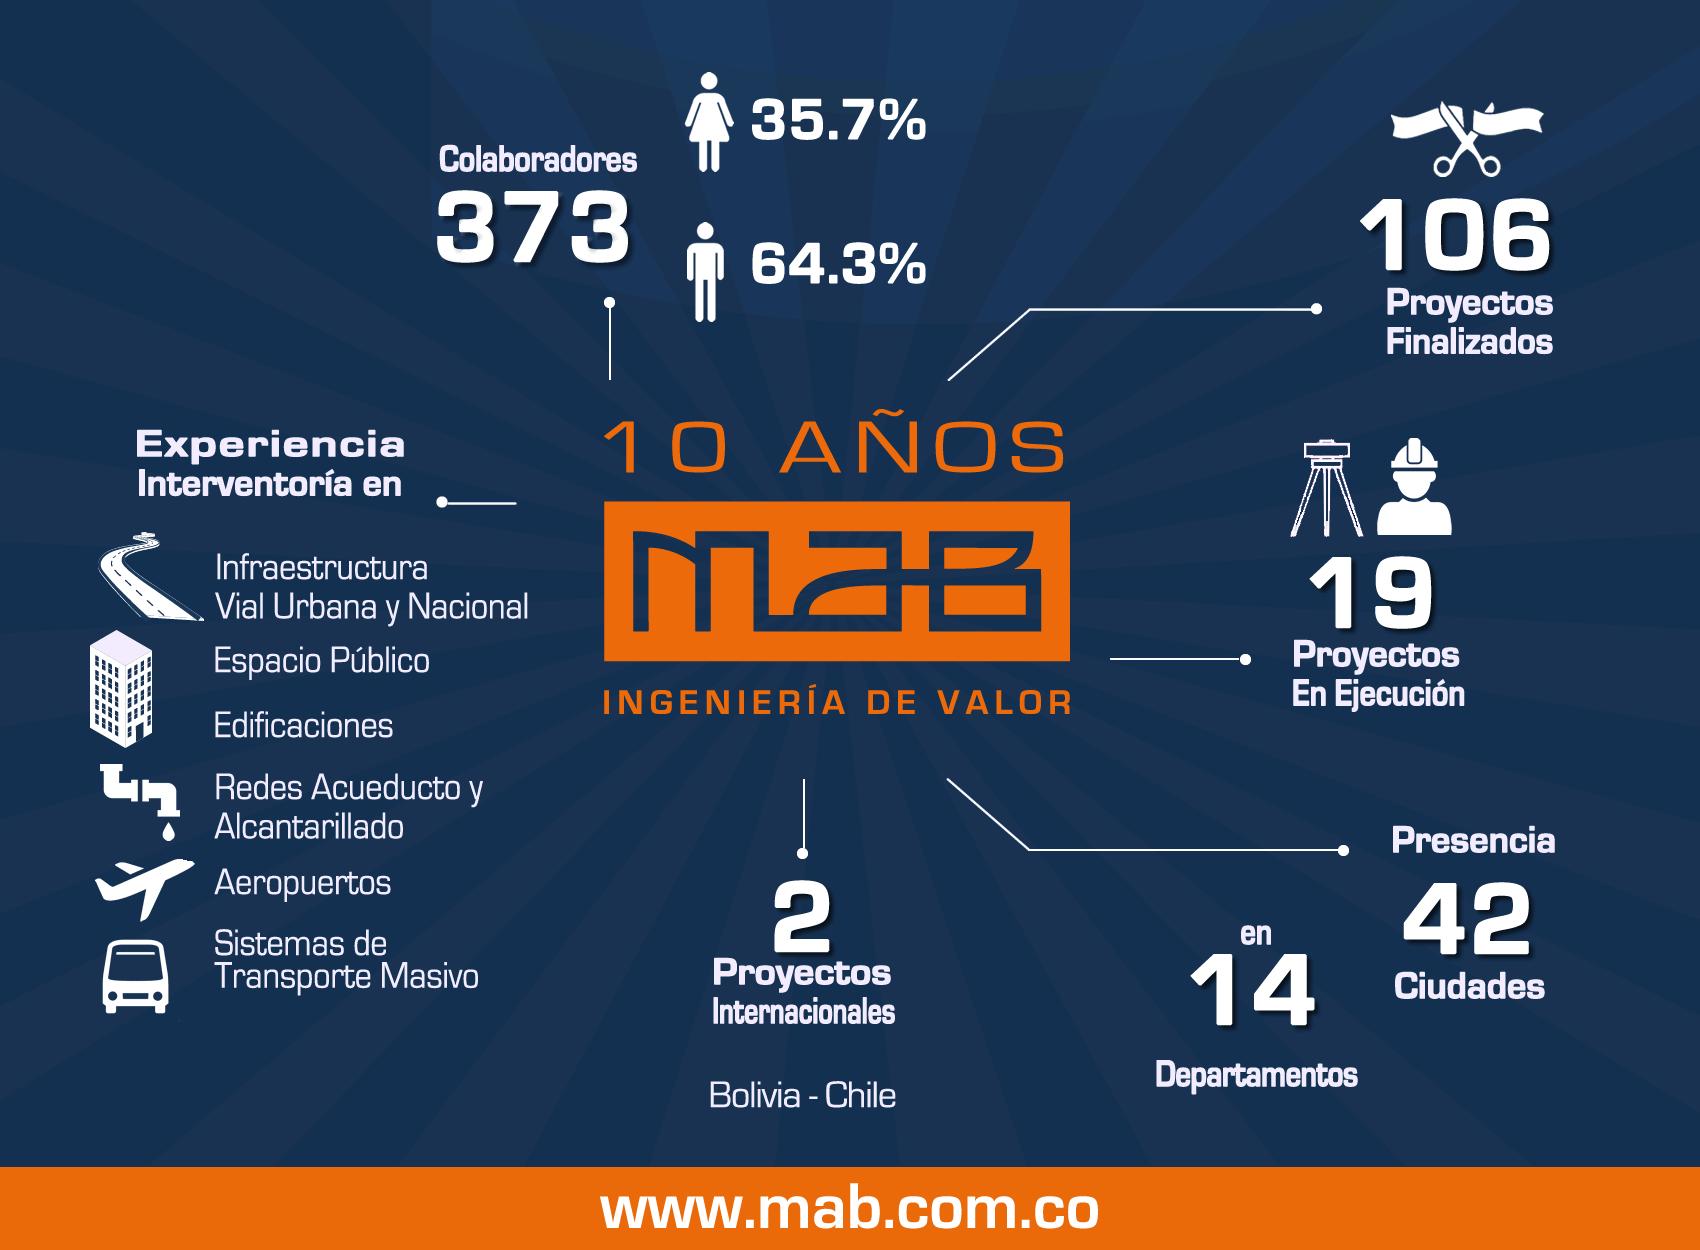 MAB INGENIERÍA DE VALOR HOY